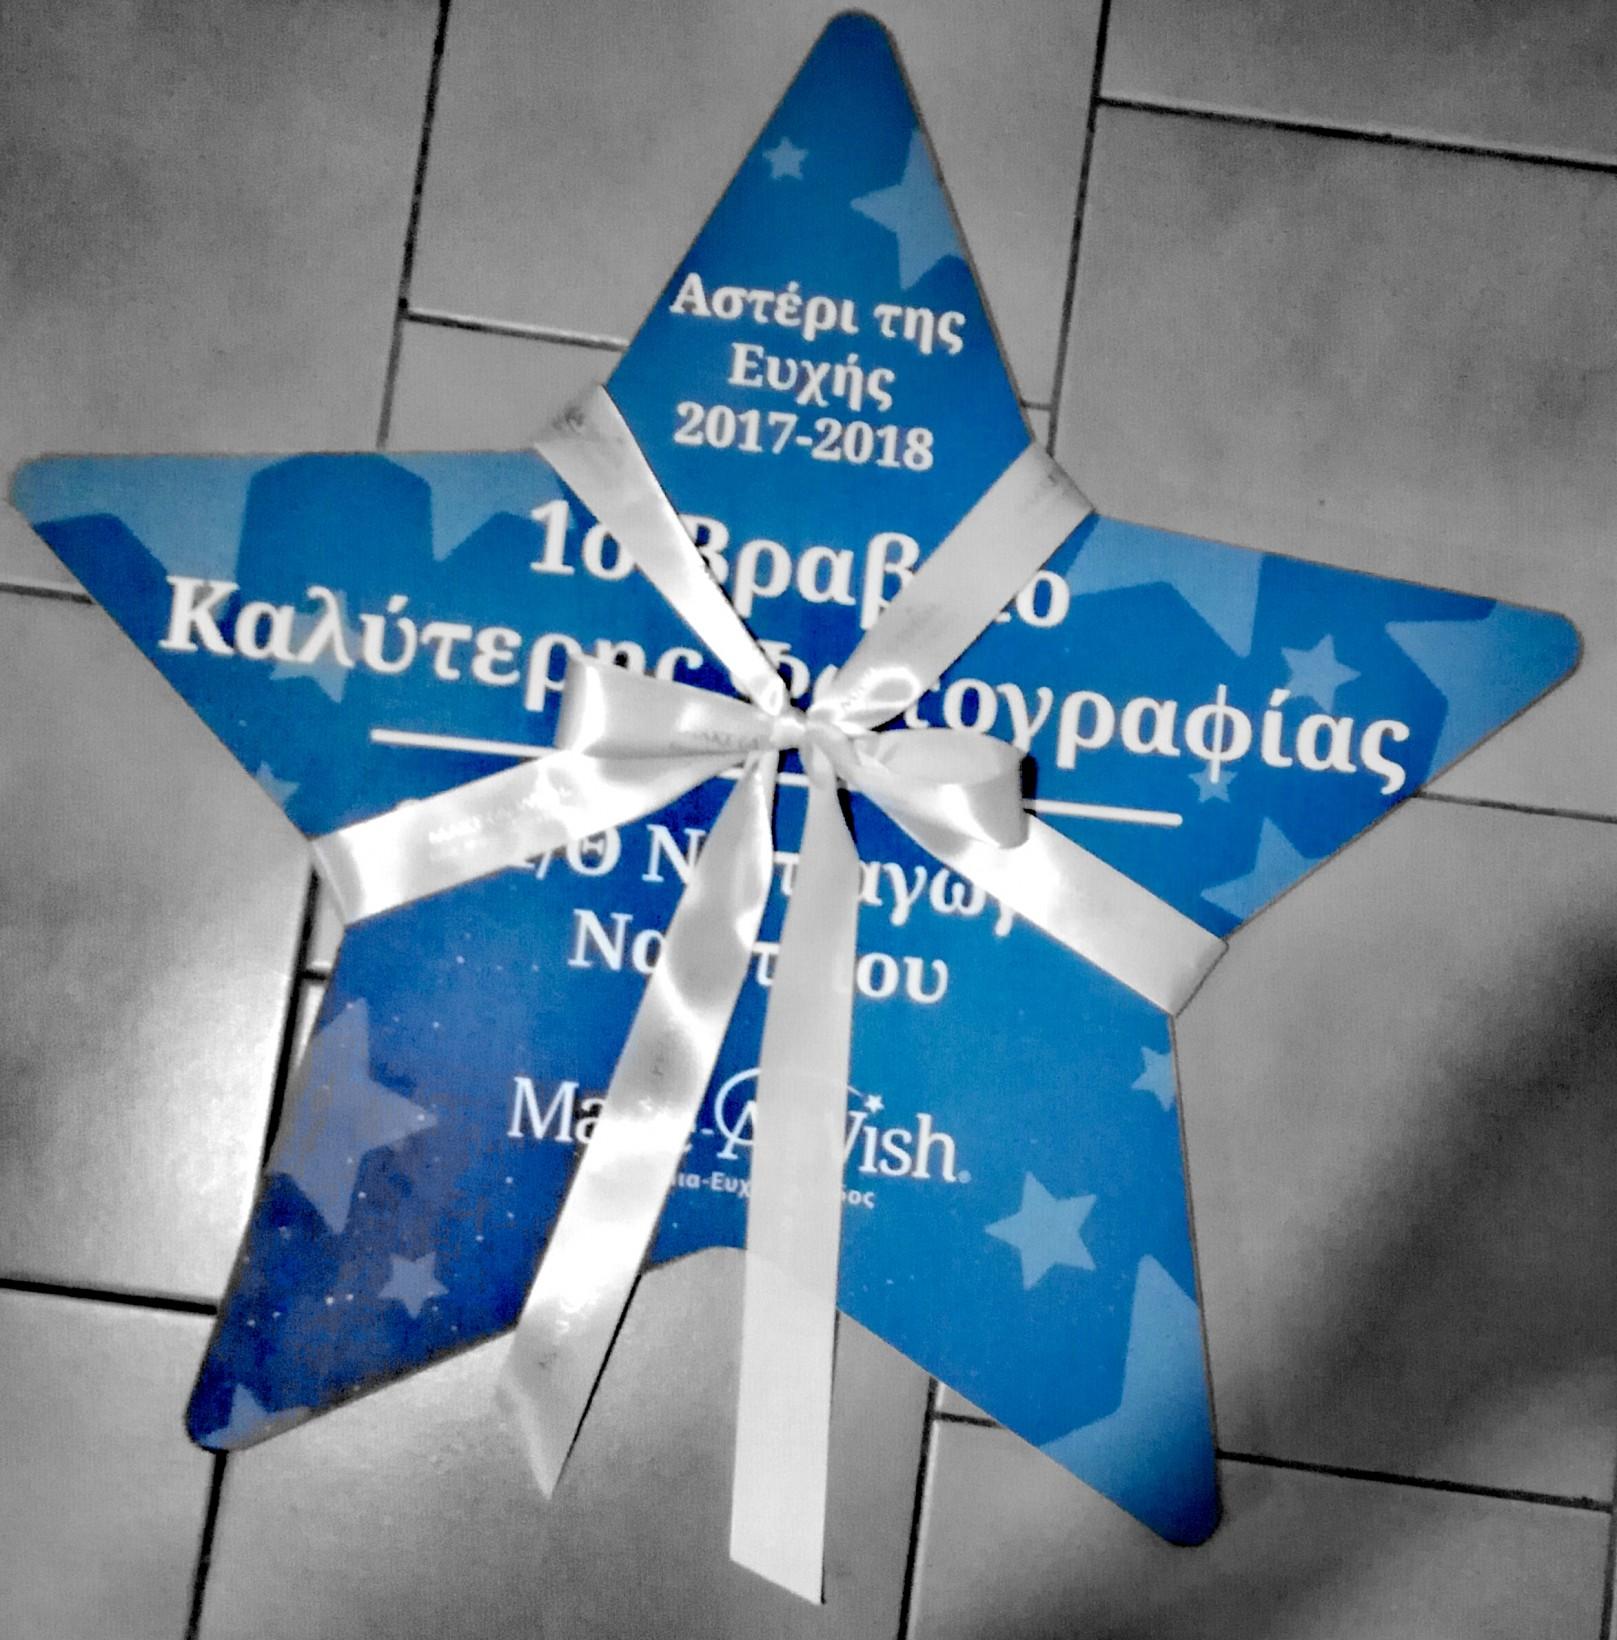 Το 6ο 1/θ Νηπιαγωγείο Ναυπλίου στηρίζει το Αστέρι της Ευχής και το 2018